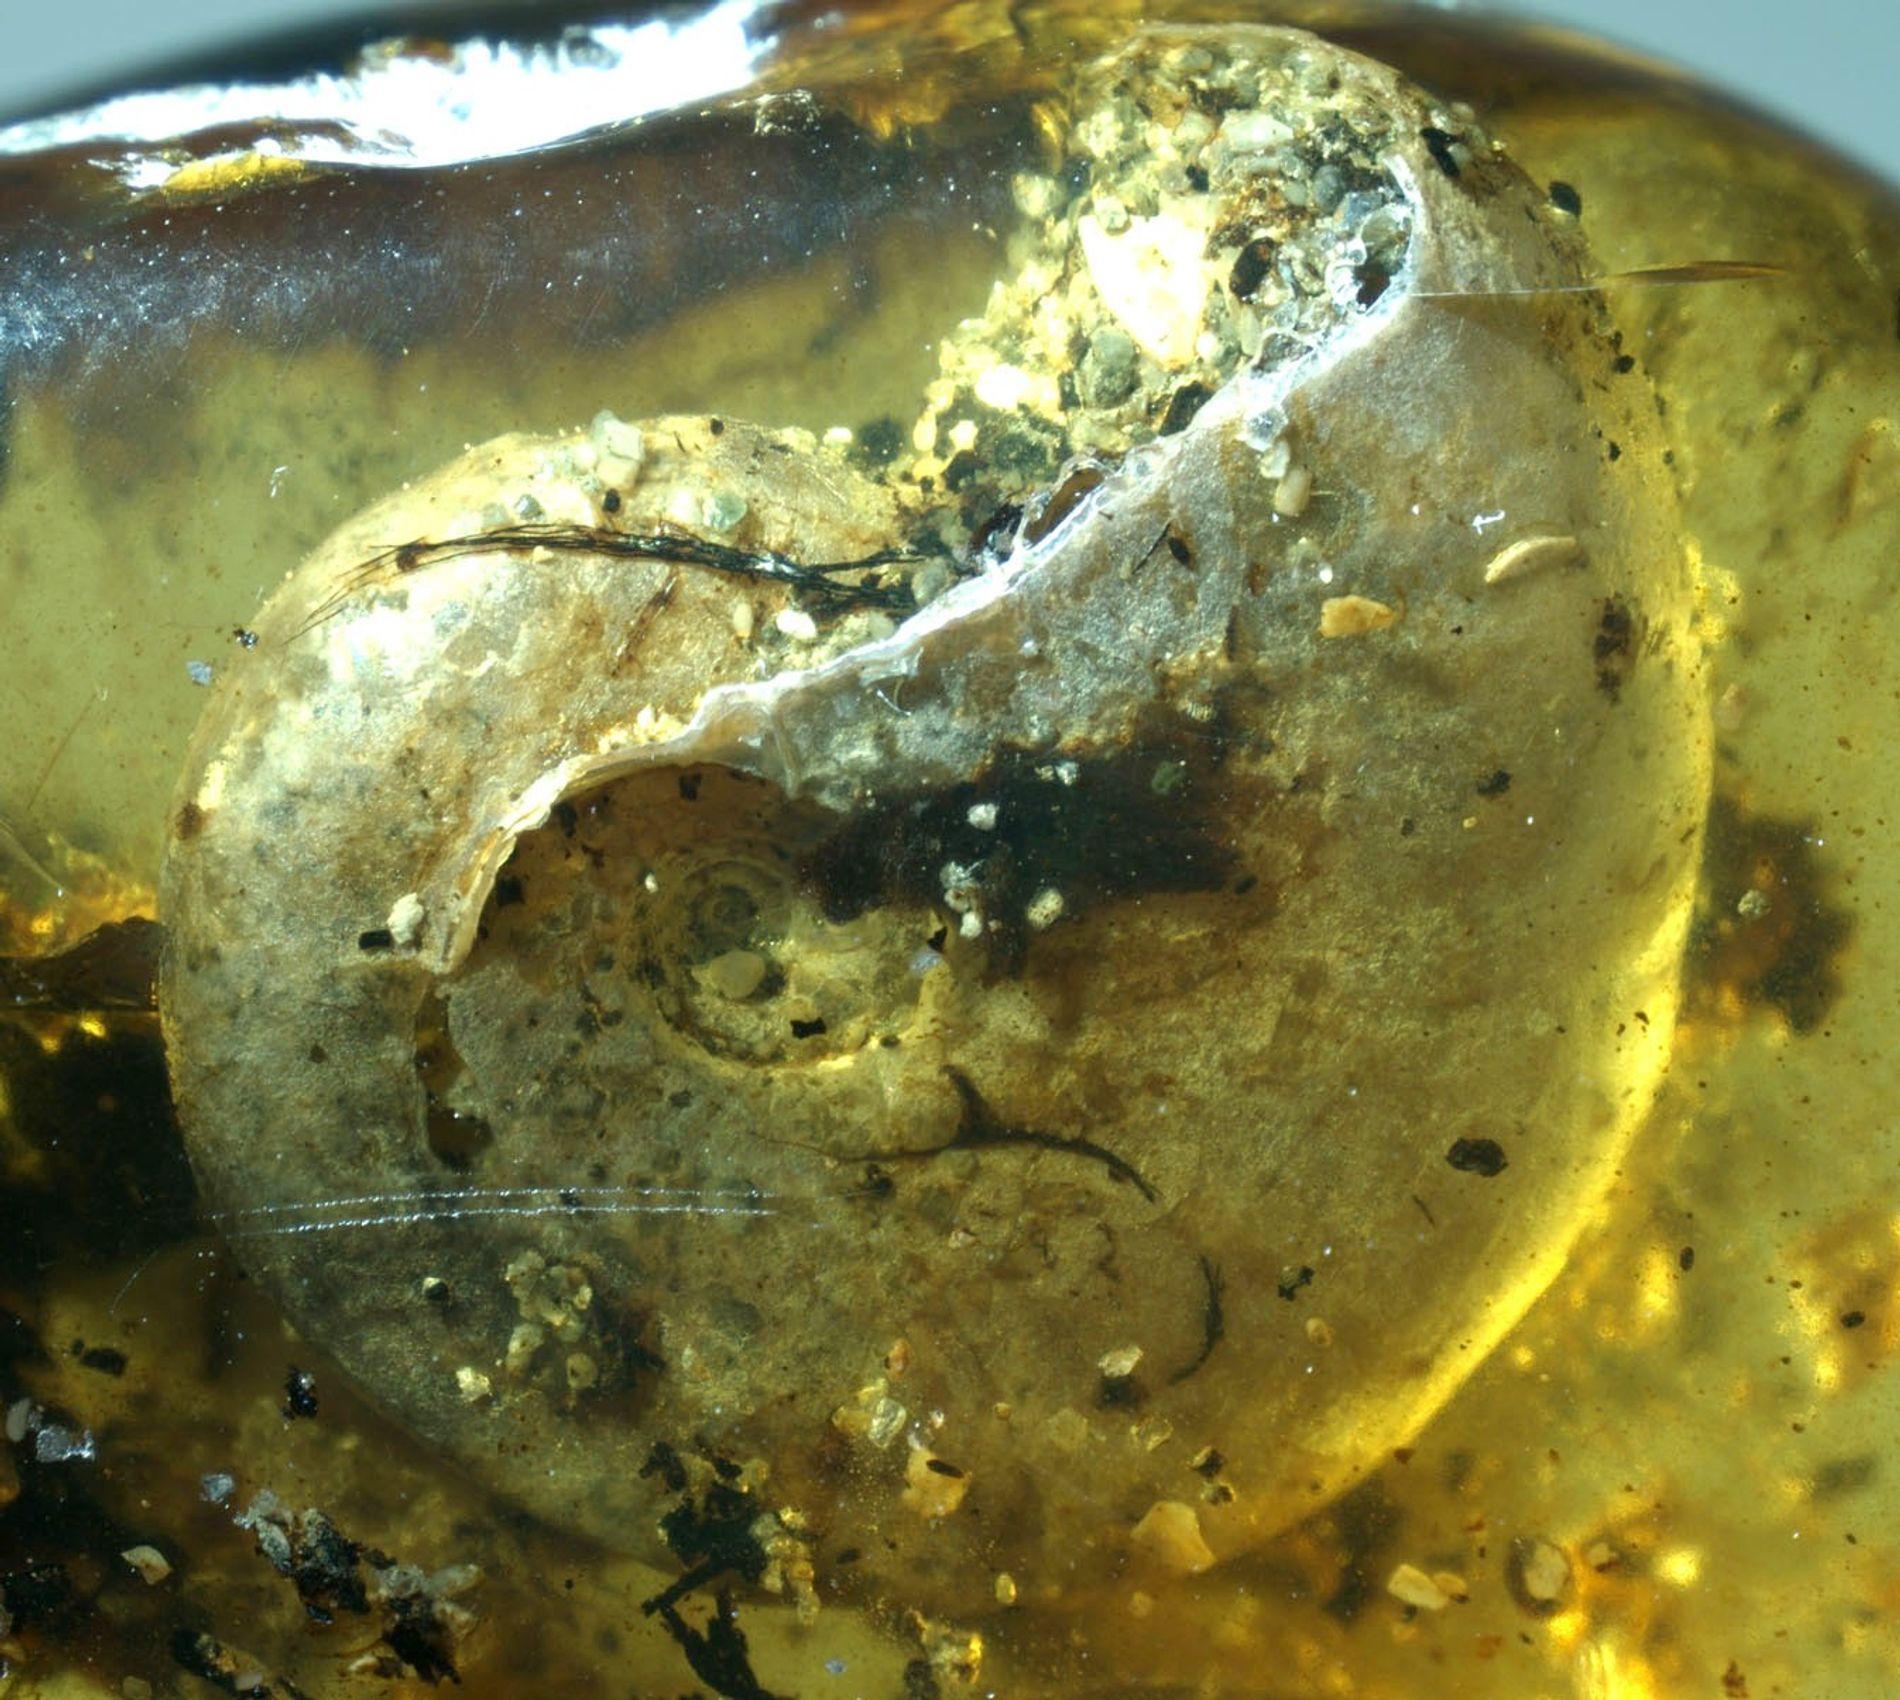 Há muito tempo, durante o período Cretáceo, essa concha pertenceu a um tipo de molusco marinho ...